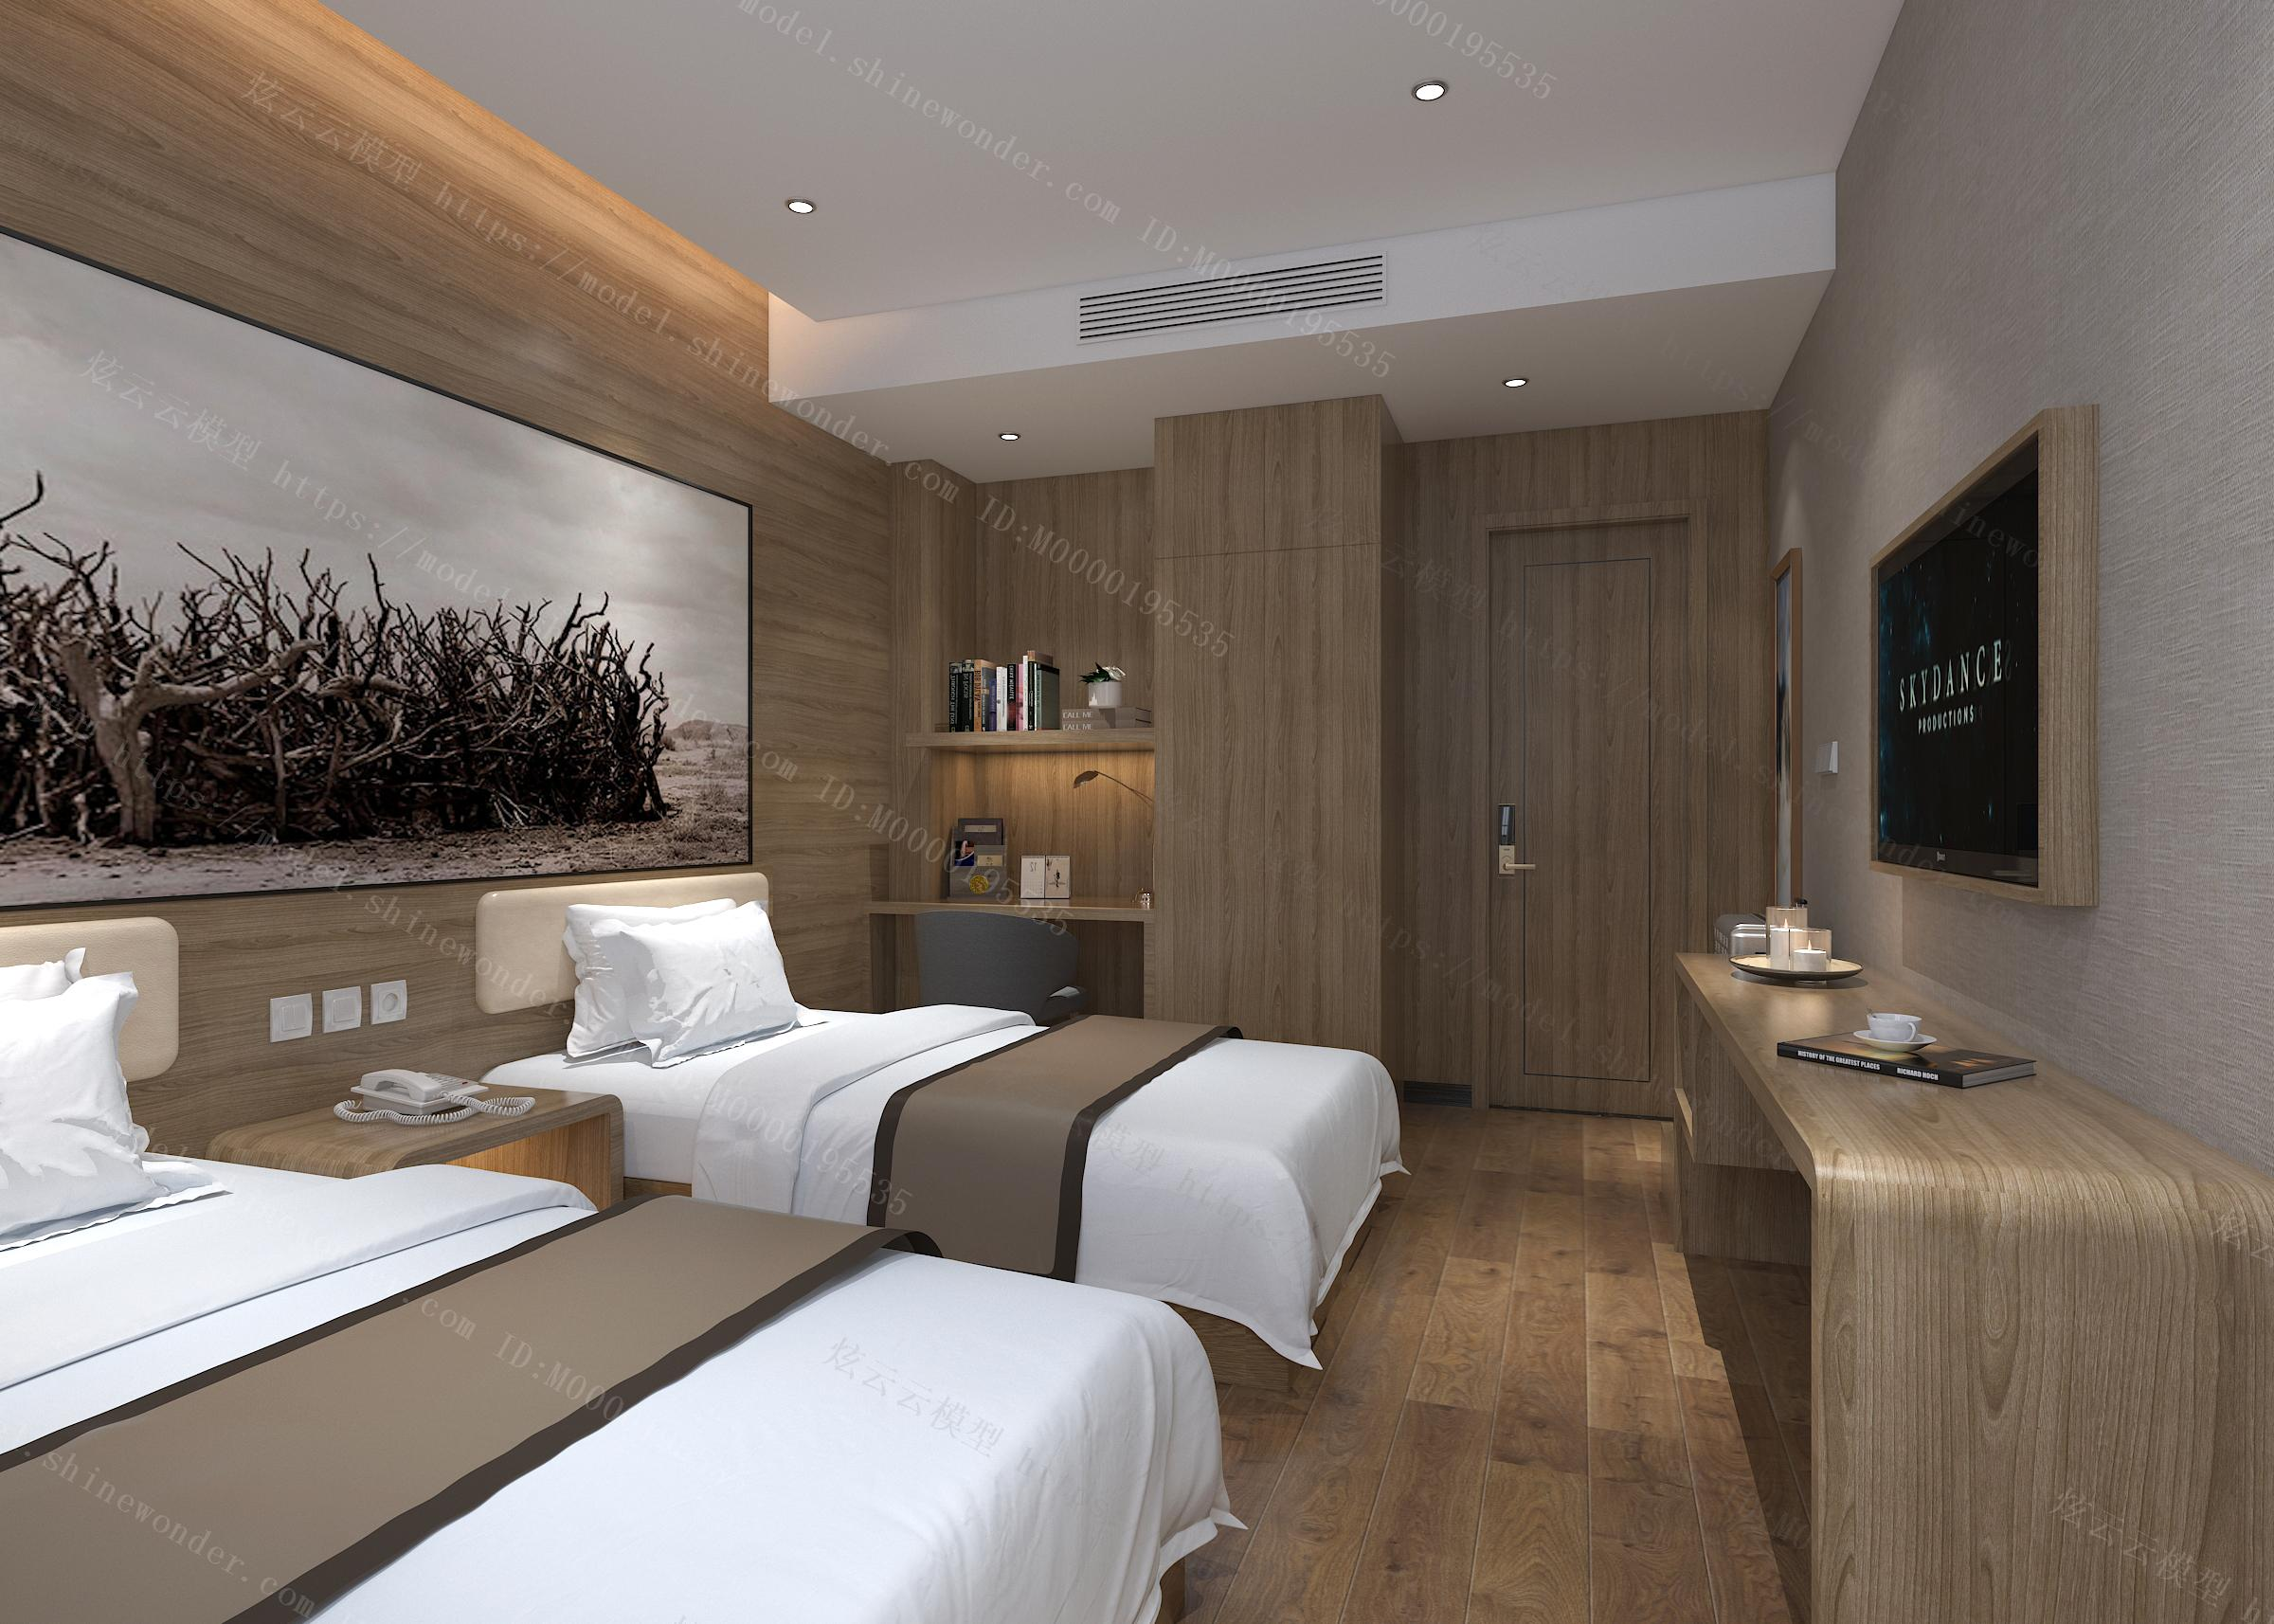 现代酒店标间模型